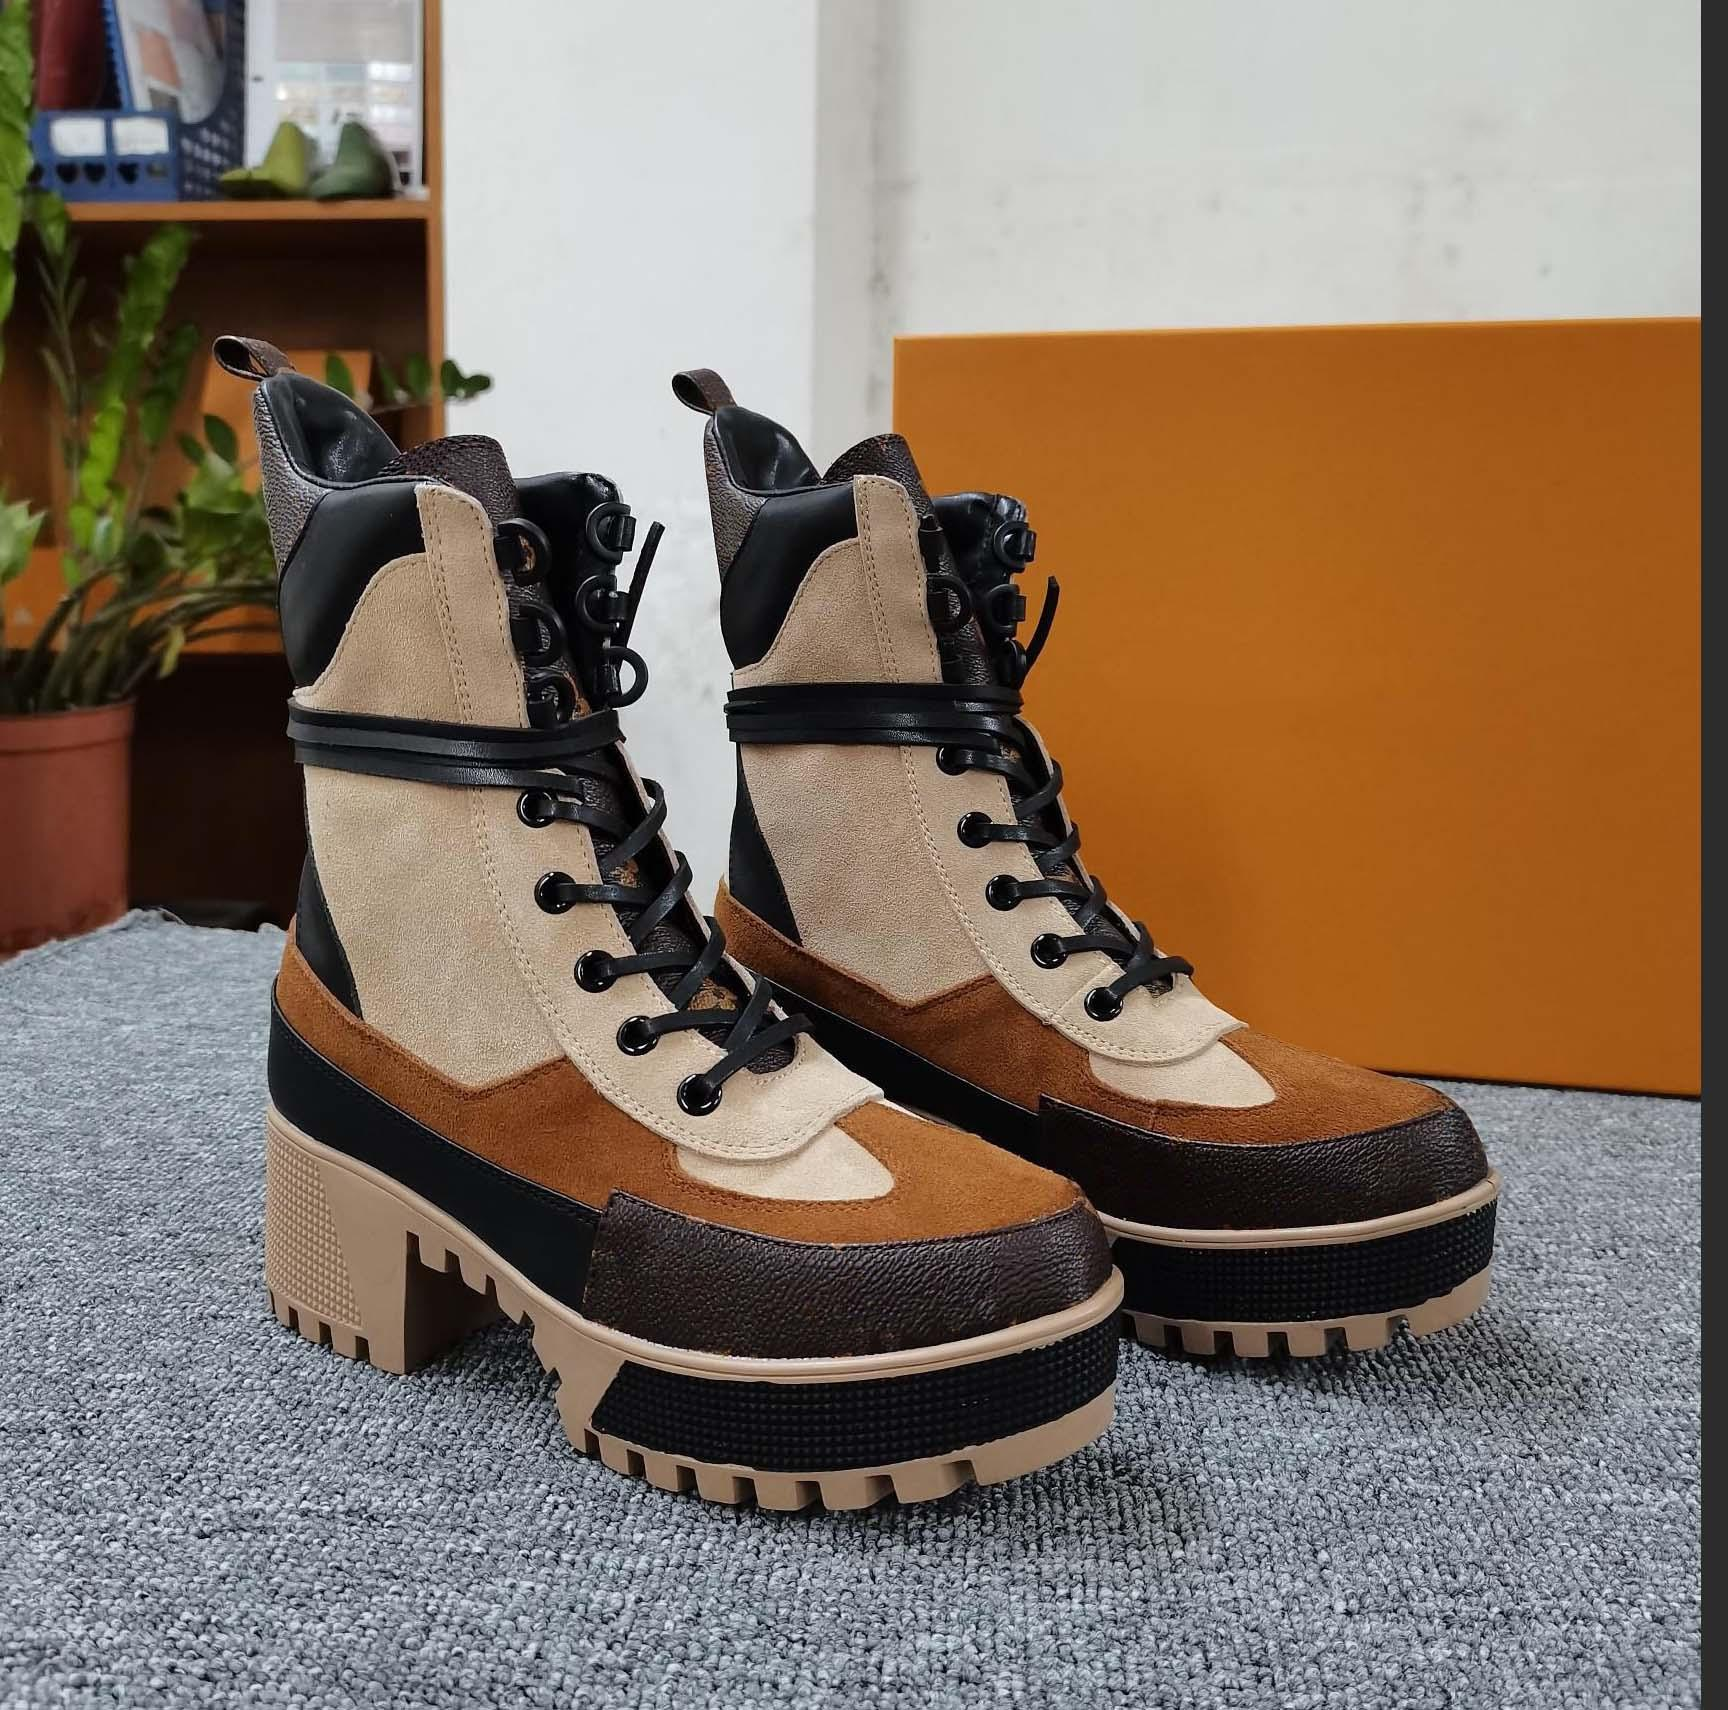 Clássicos requintado couro mulheres botas de salto alto e genuíno ao ar livre botas de moda martin cowboy western booties home011 05